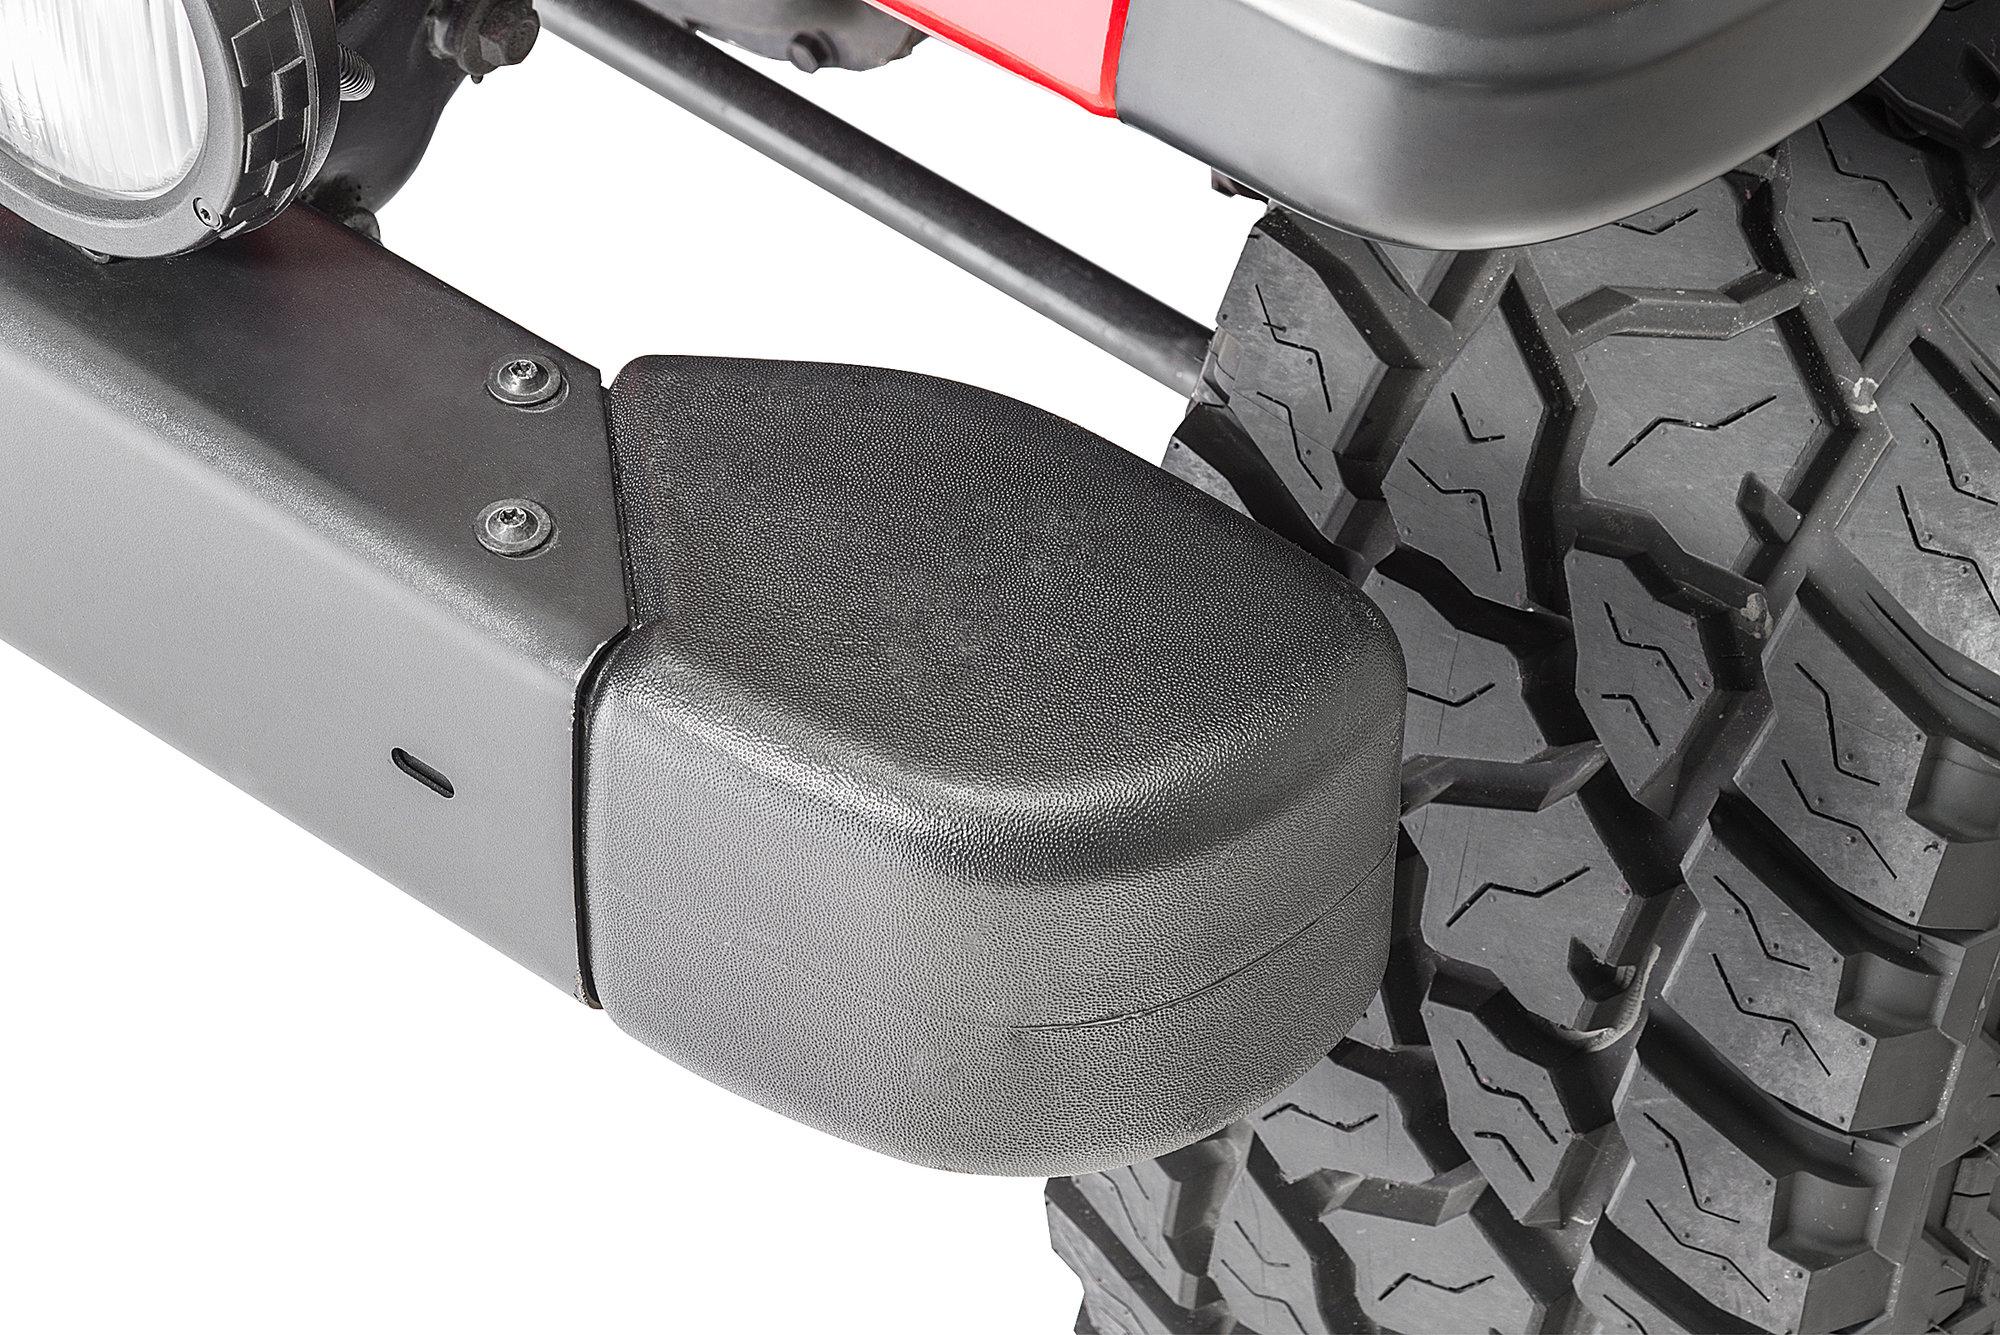 hight resolution of mopar front bumper guard crown automotive end cap kit for 98 06 jeep wrangler tj quadratec